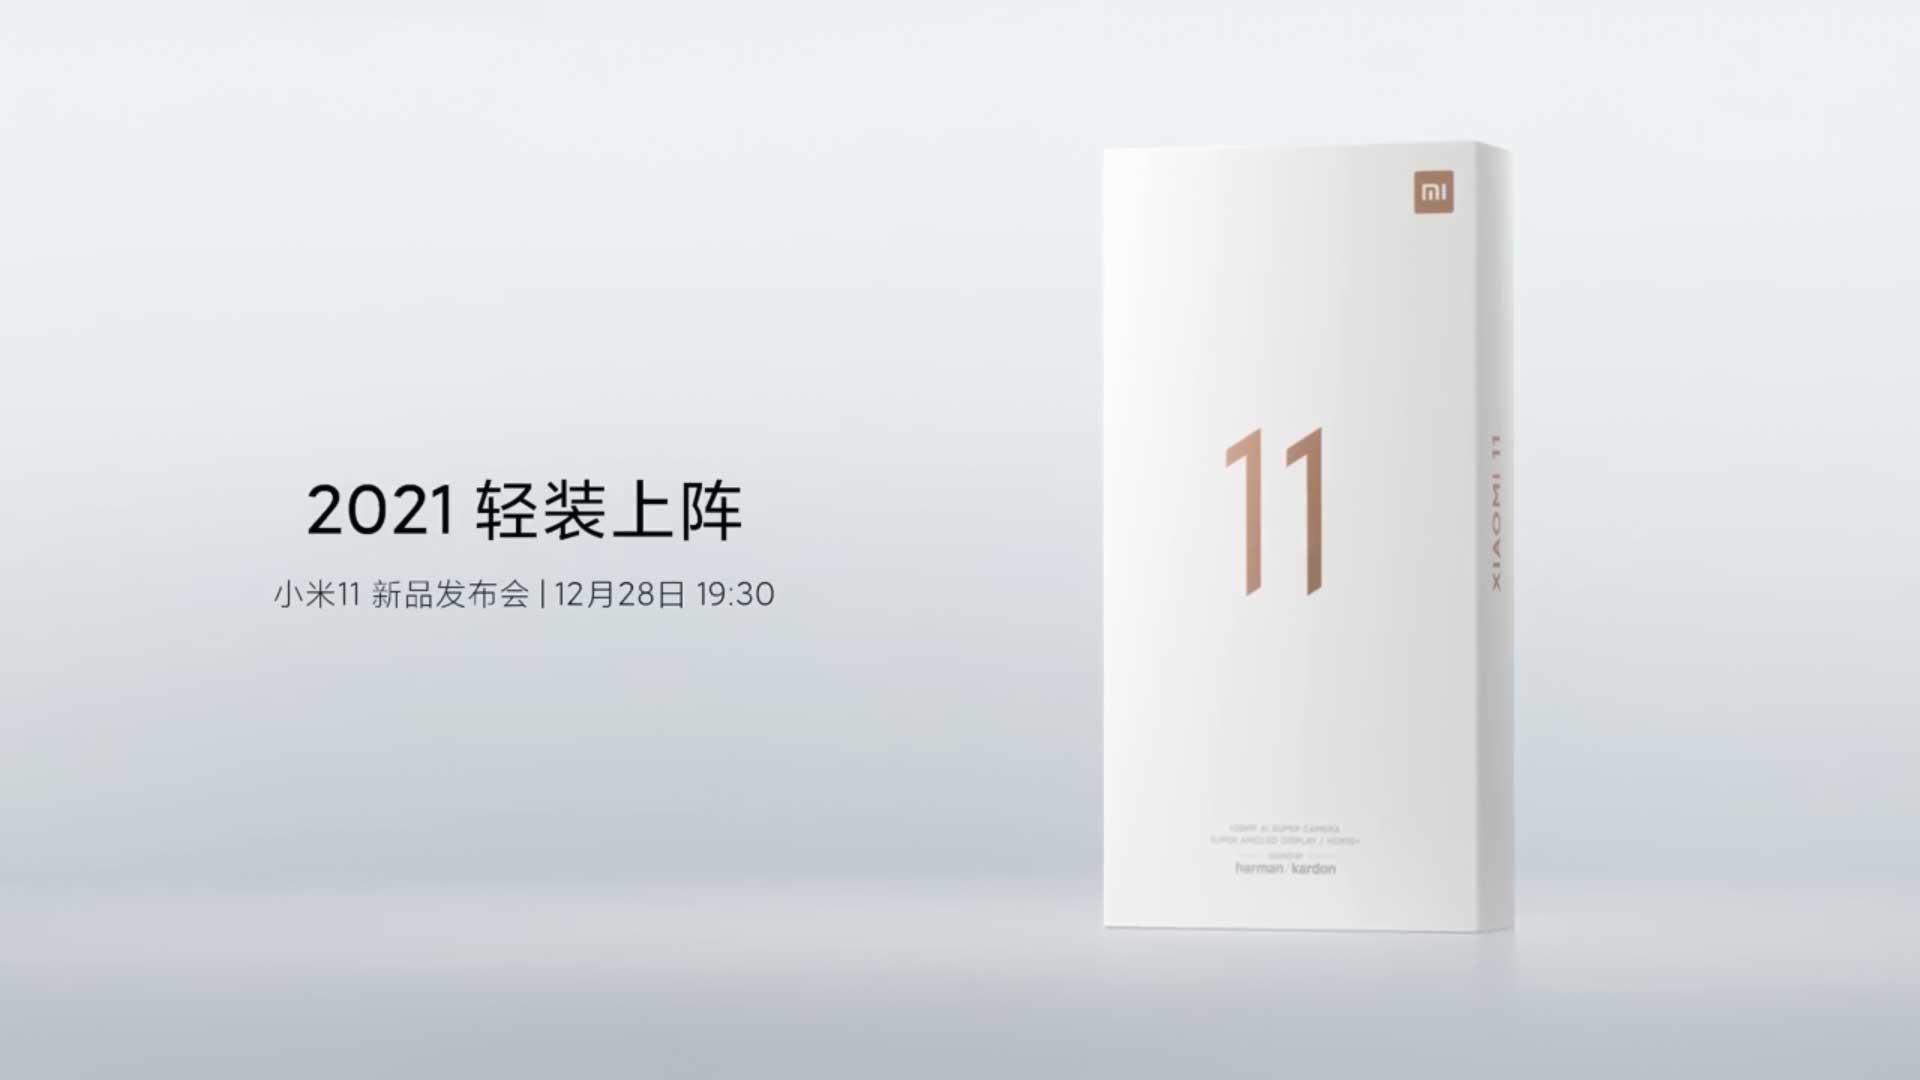 حذف شارژر از جعبه شیائومی Mi 11 رسما تایید شد